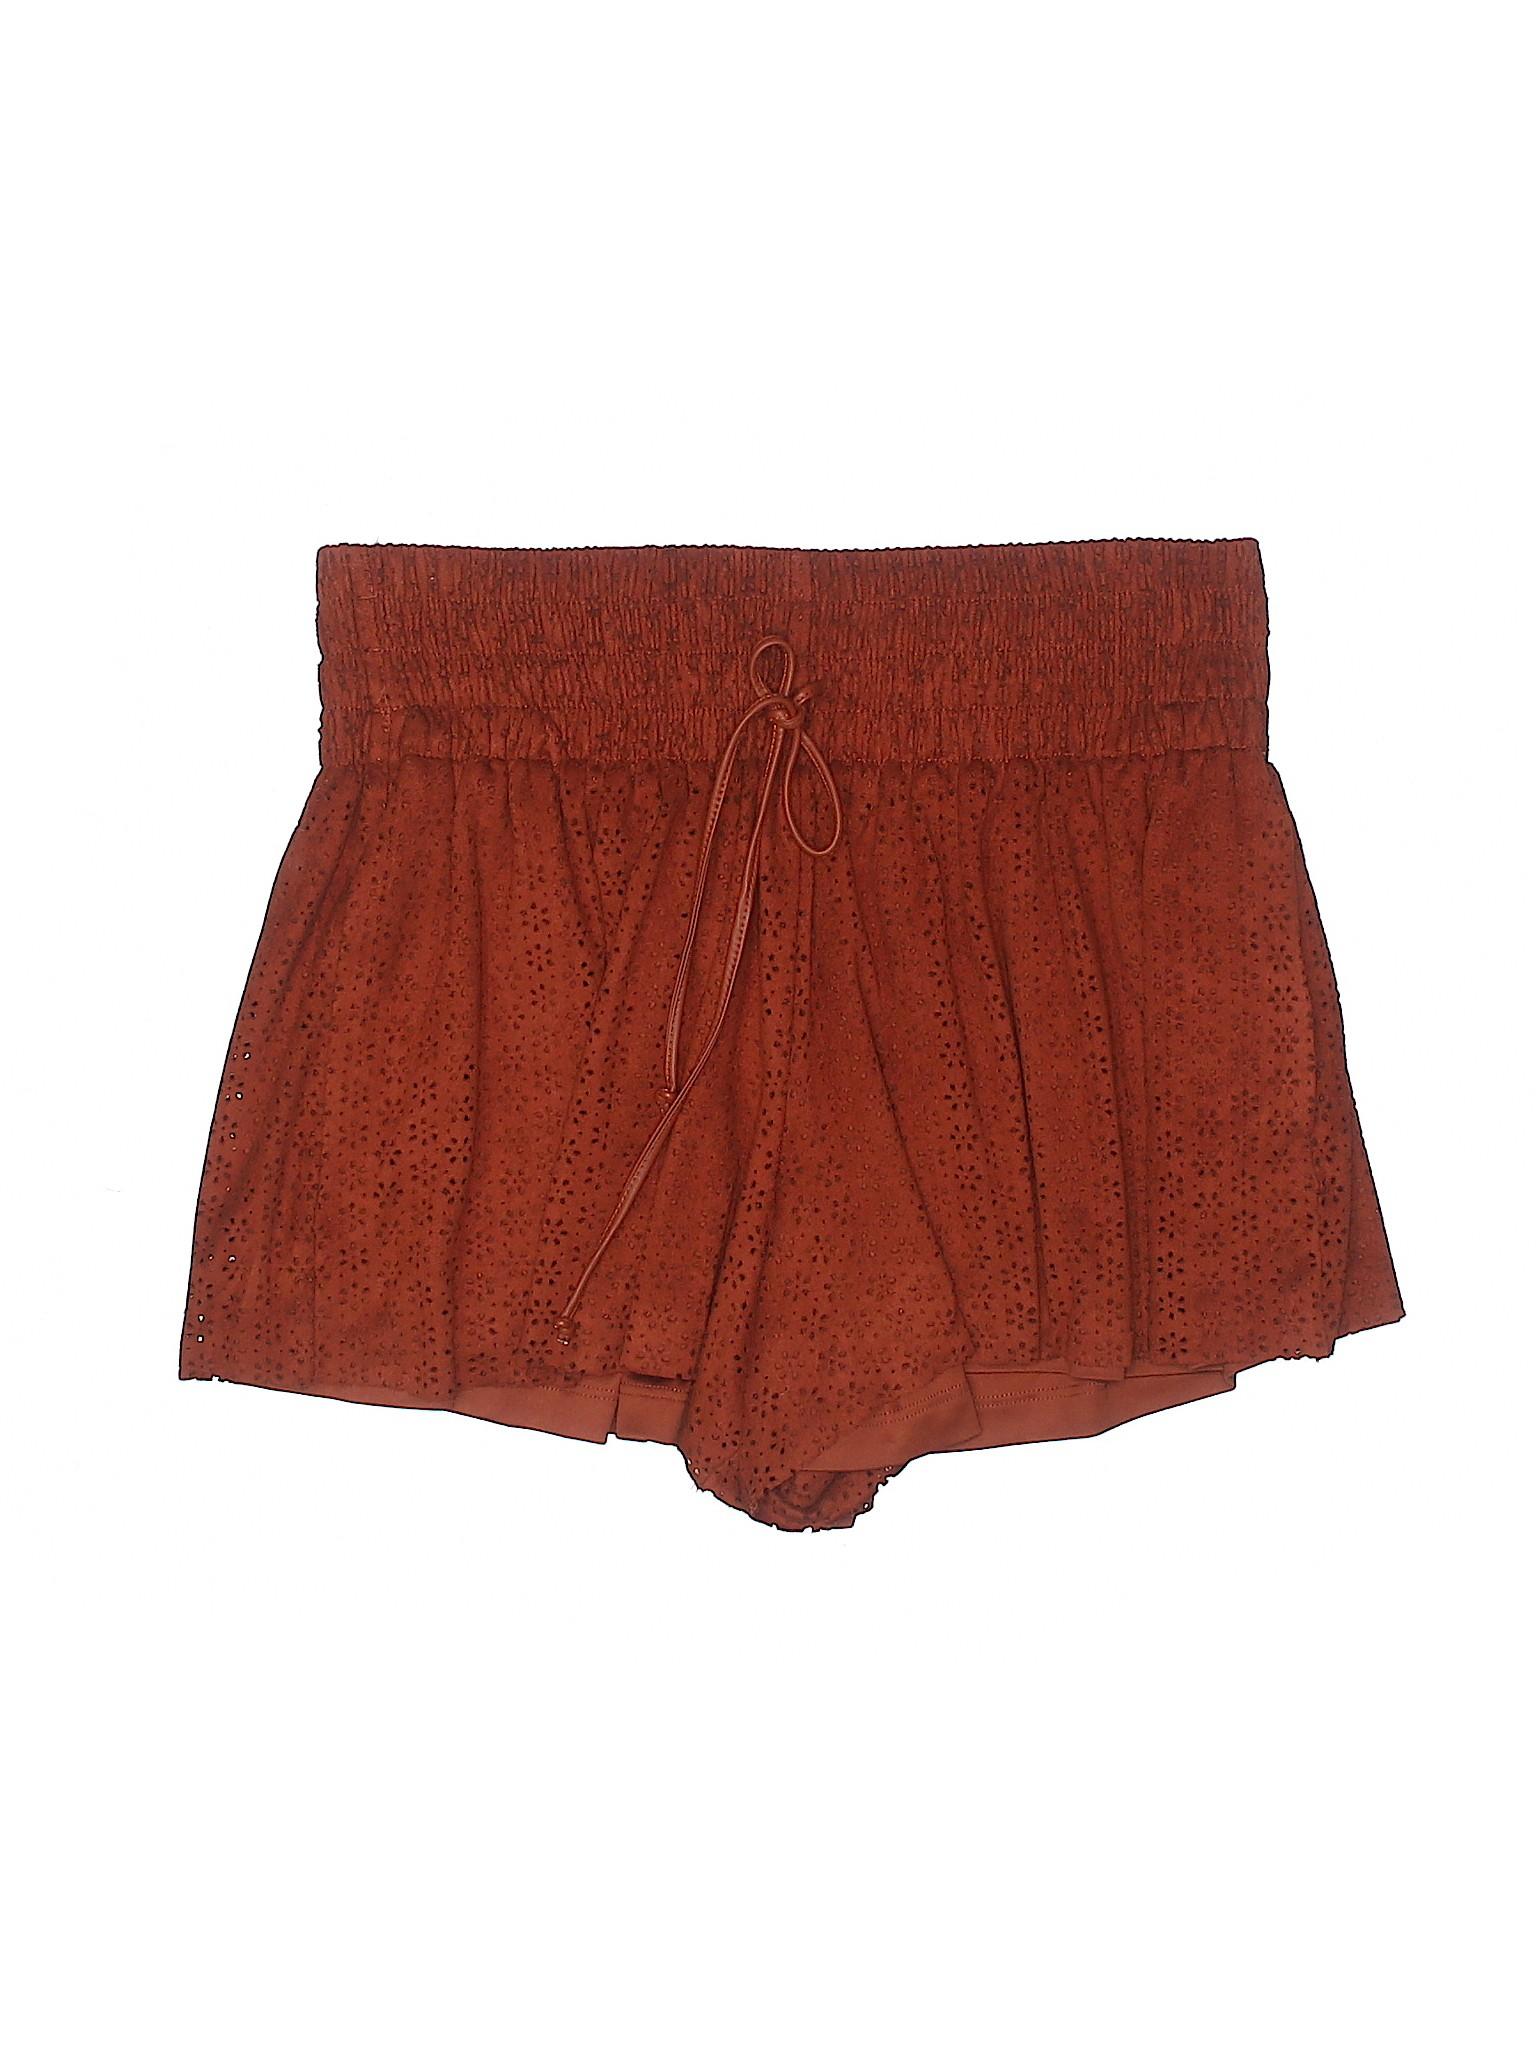 Zara Boutique TRF winter Boutique winter Zara TRF Shorts Shorts wOEvxAYnq